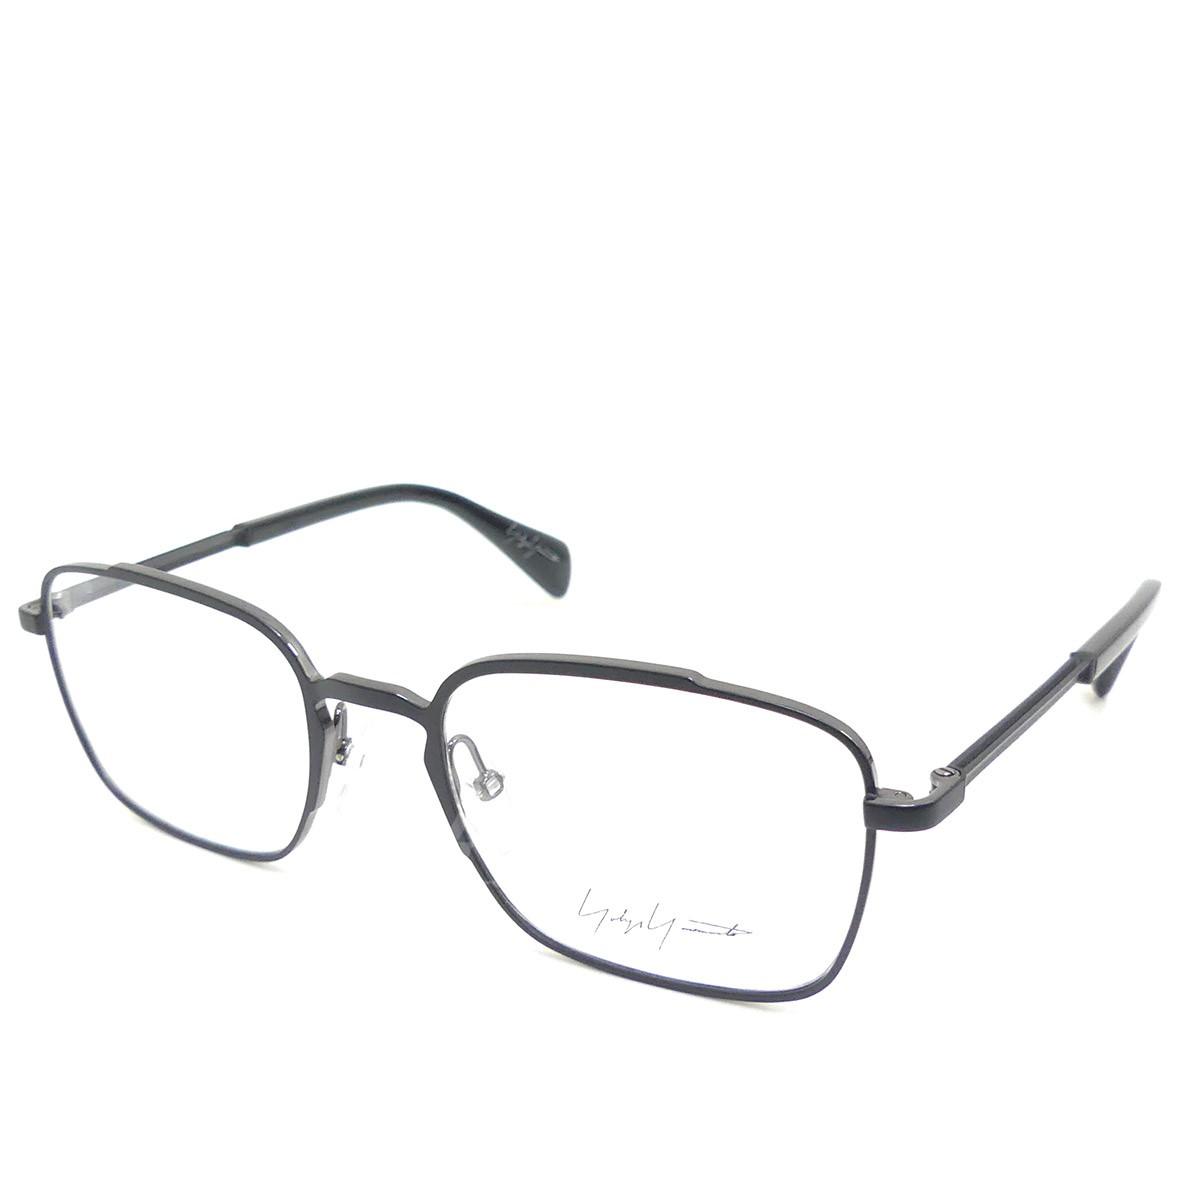 【中古】YOHJI YAMAMOTO 眼鏡 YY3006 メタルフレーム 【送料無料】 【120200】 【KIND1550】